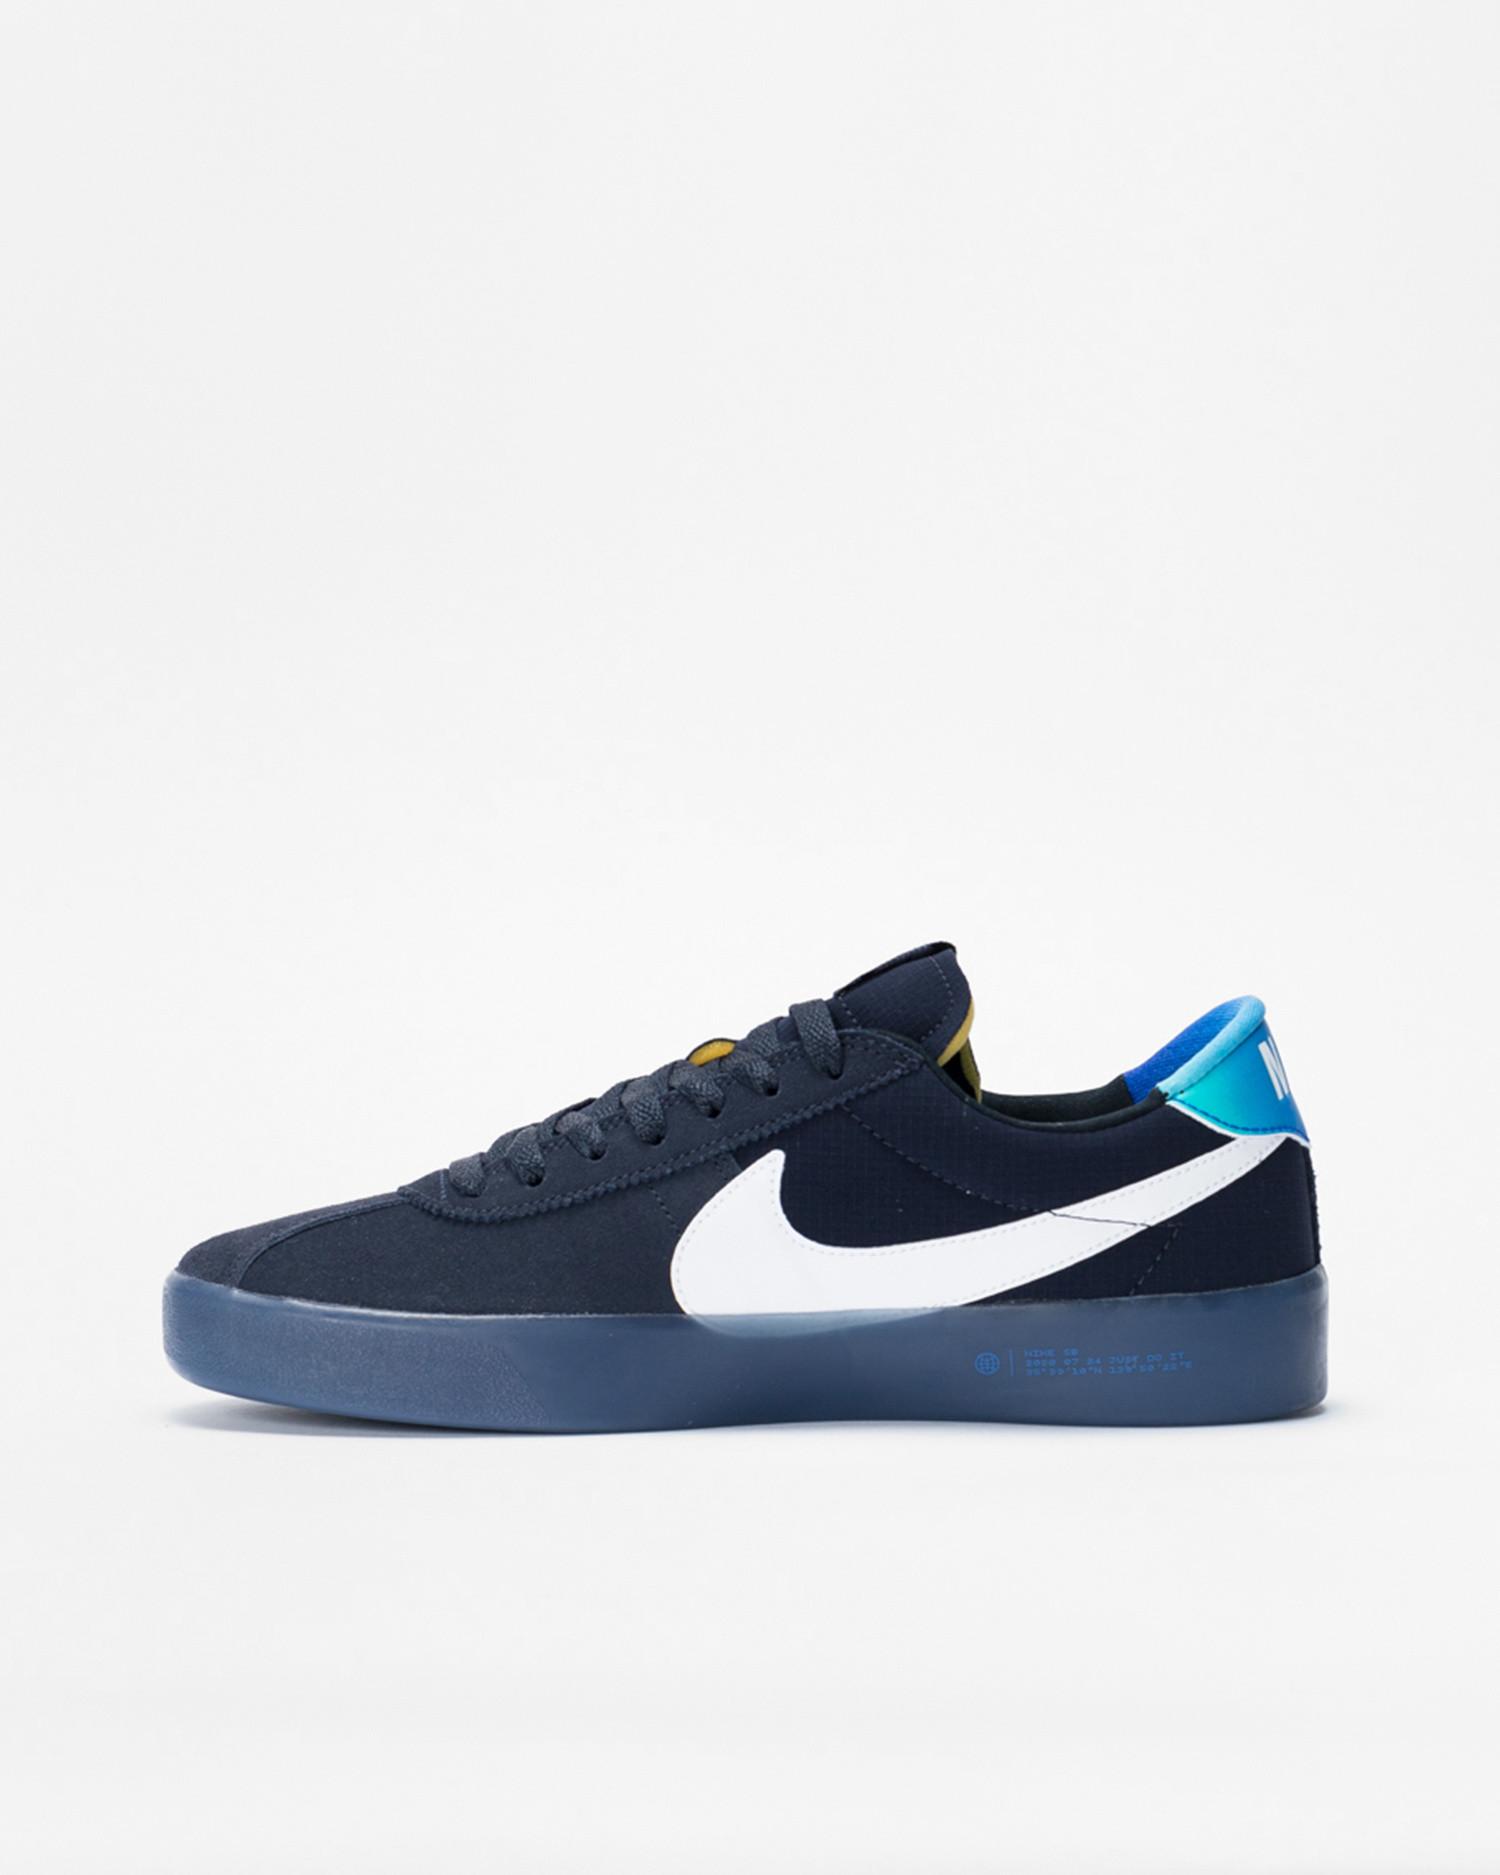 Nike sb bruin react t Dark obsidian/white-hyper jade